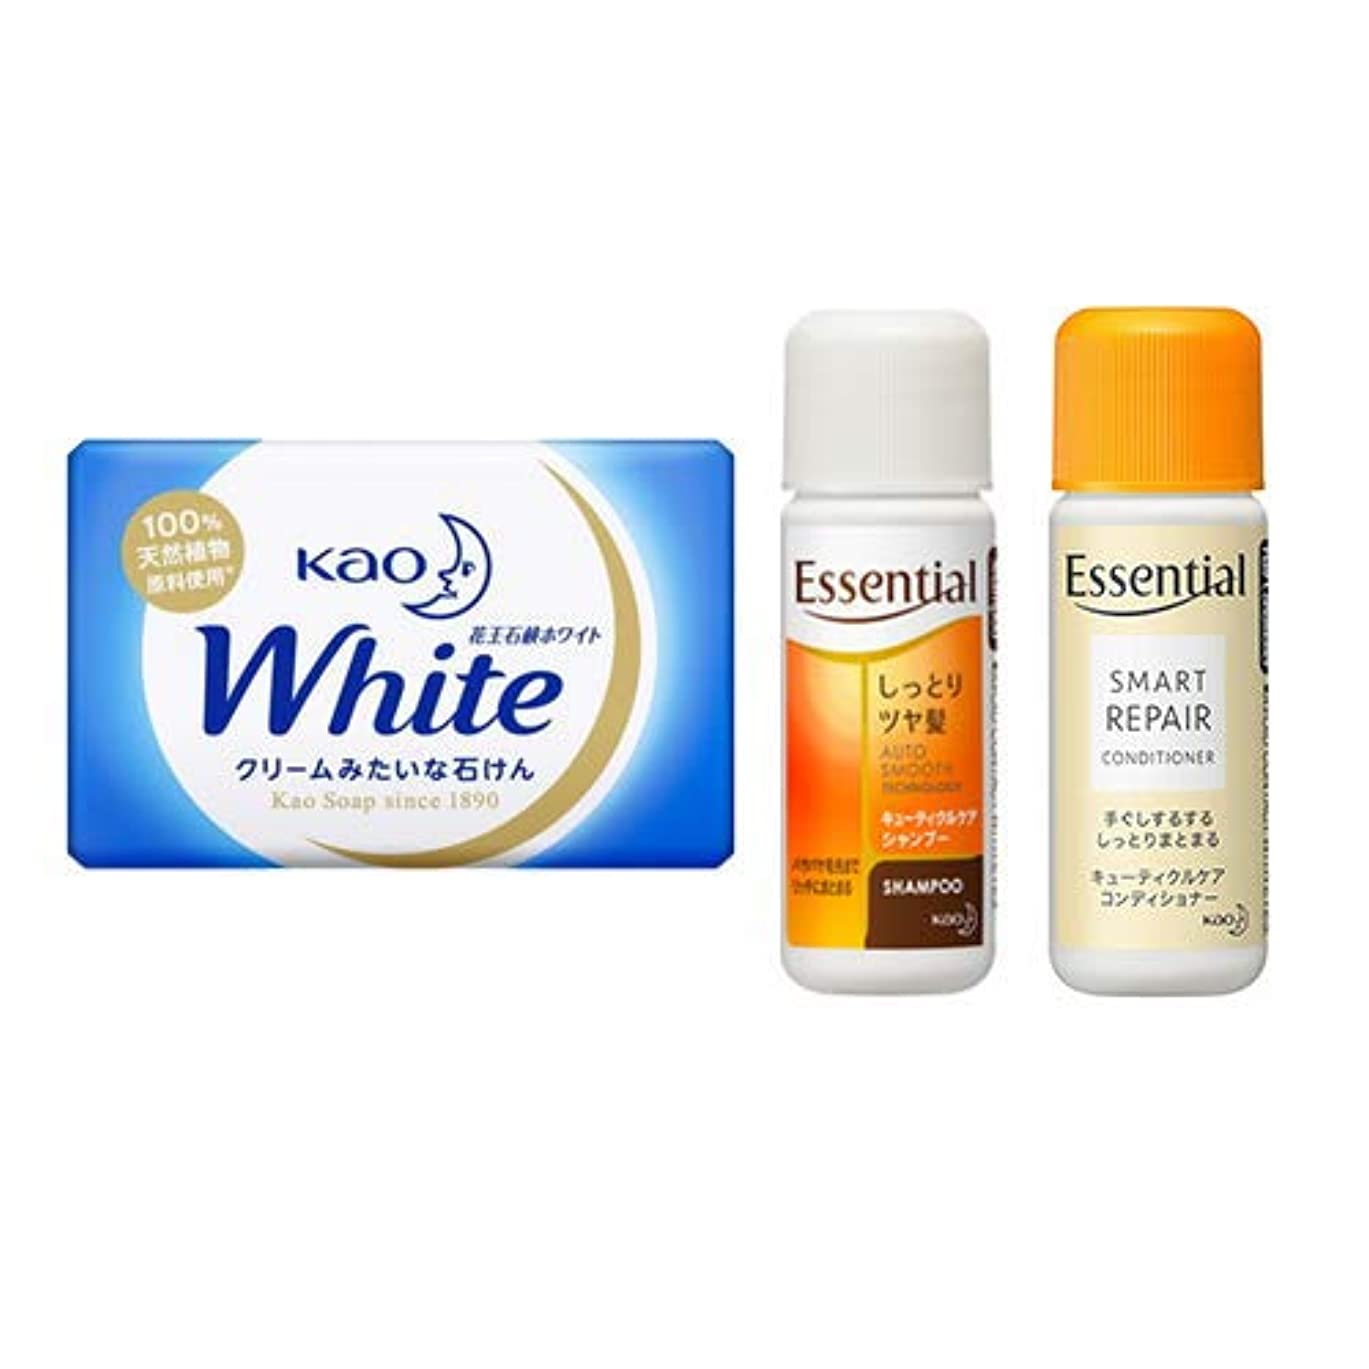 教育者非難する好色な花王(KAO) 石鹸ホワイト(Kao Soap White) 15g + エッセンシャルシャンプー 16ml + コンディショナー 16ml セット